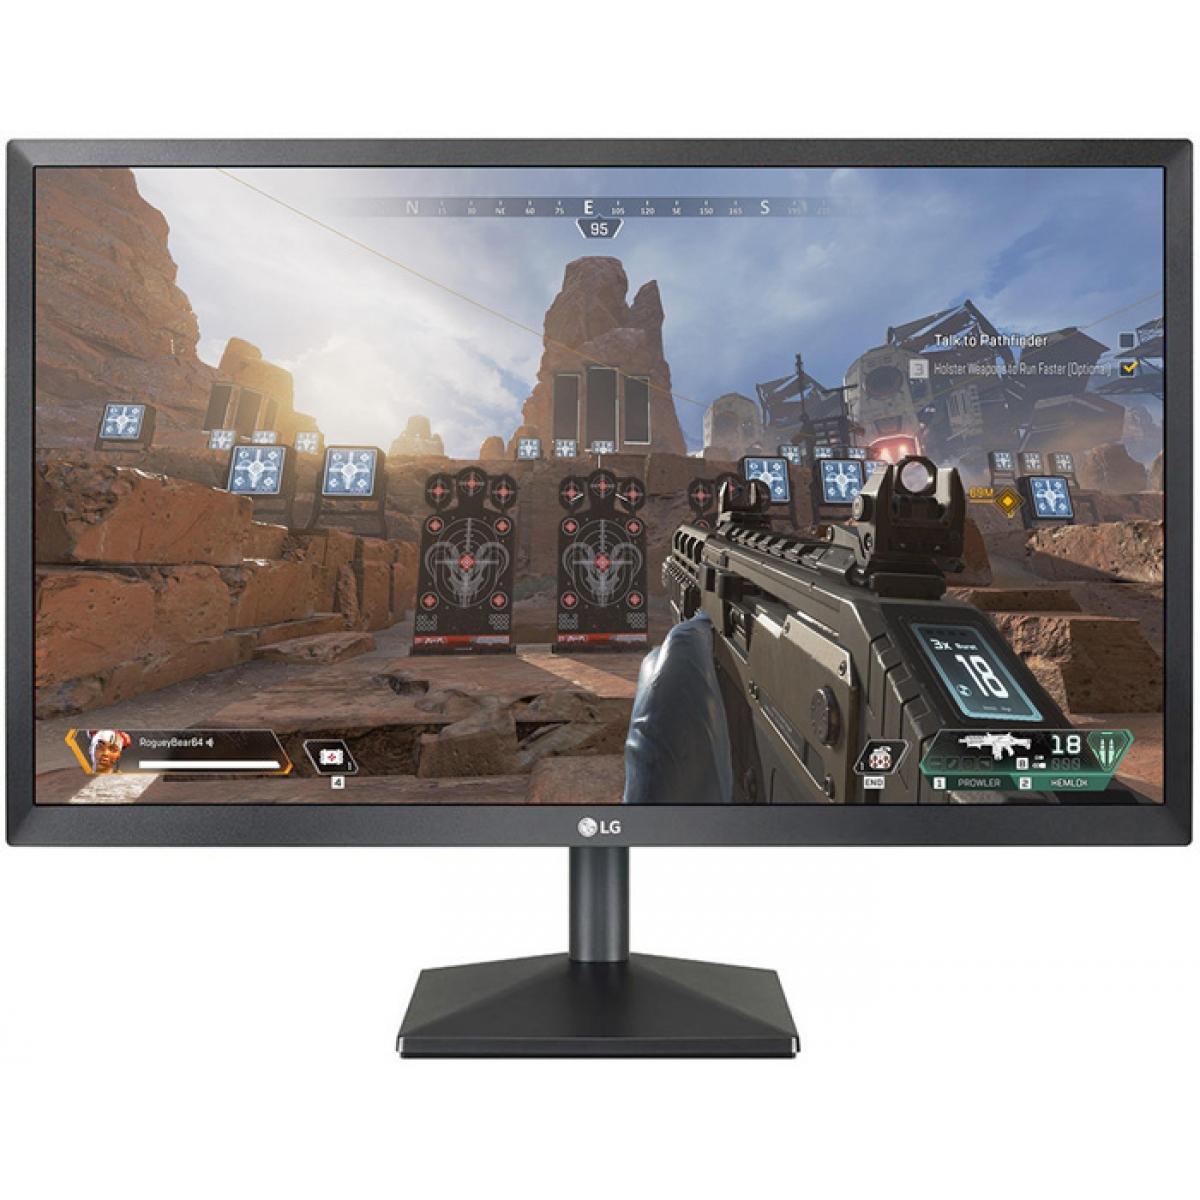 Monitor Gamer LG 23 Pol, Full HD, 75Hz, AMD FreeSync, 24MK430H-B